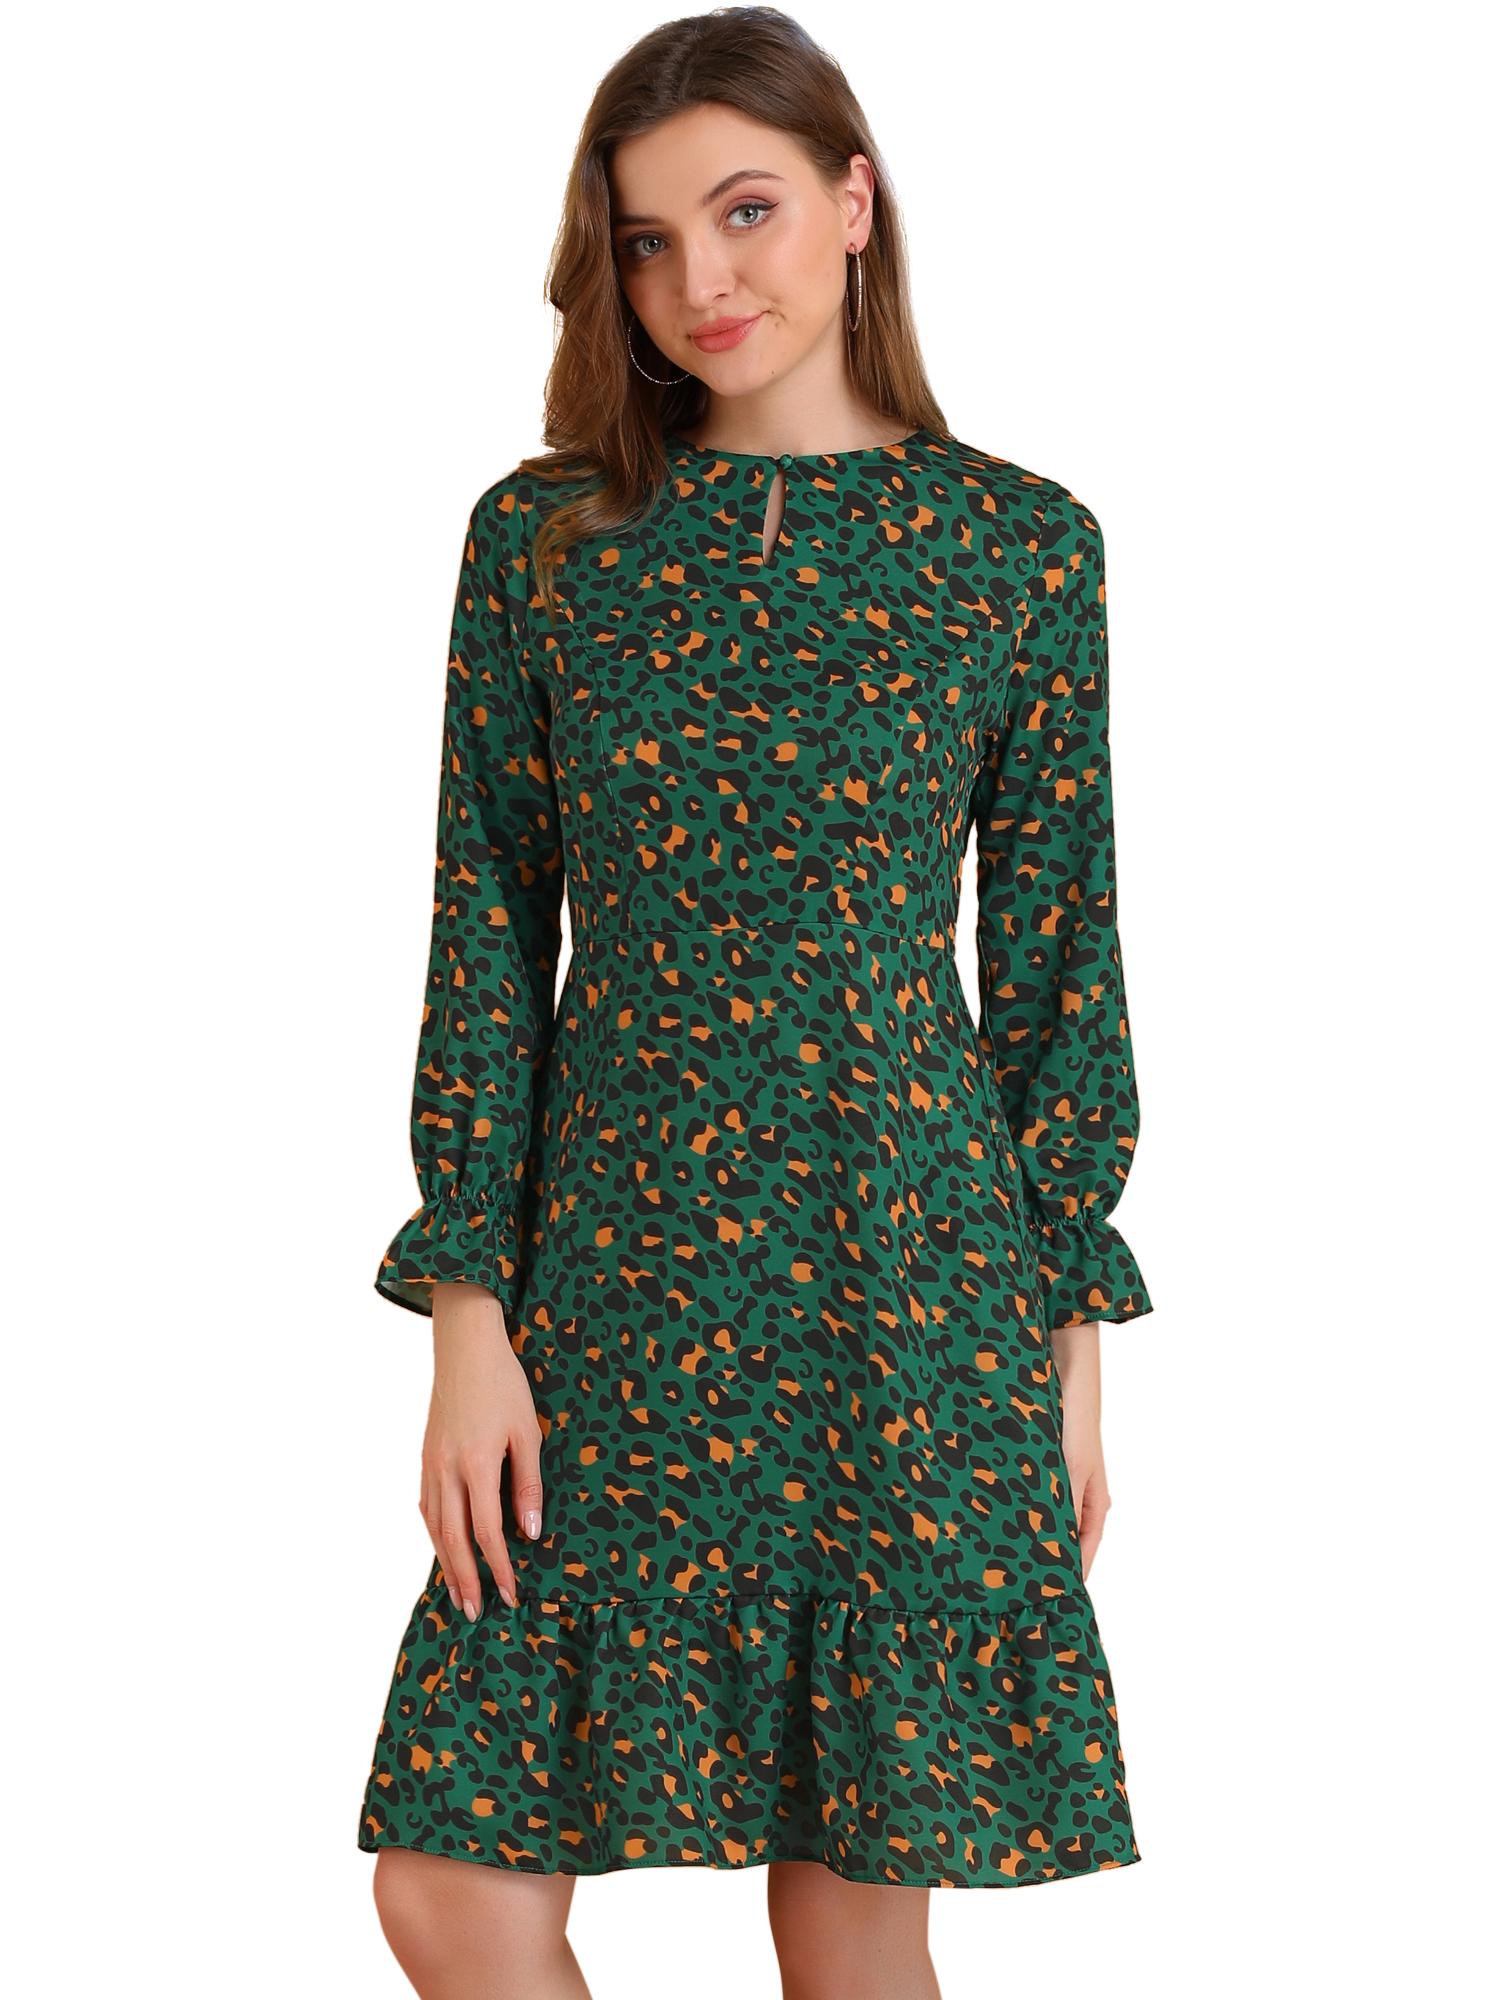 Women's Leopard Print Long Sleeve Keyhole Ruffle Hem Dress Green S (US 6)